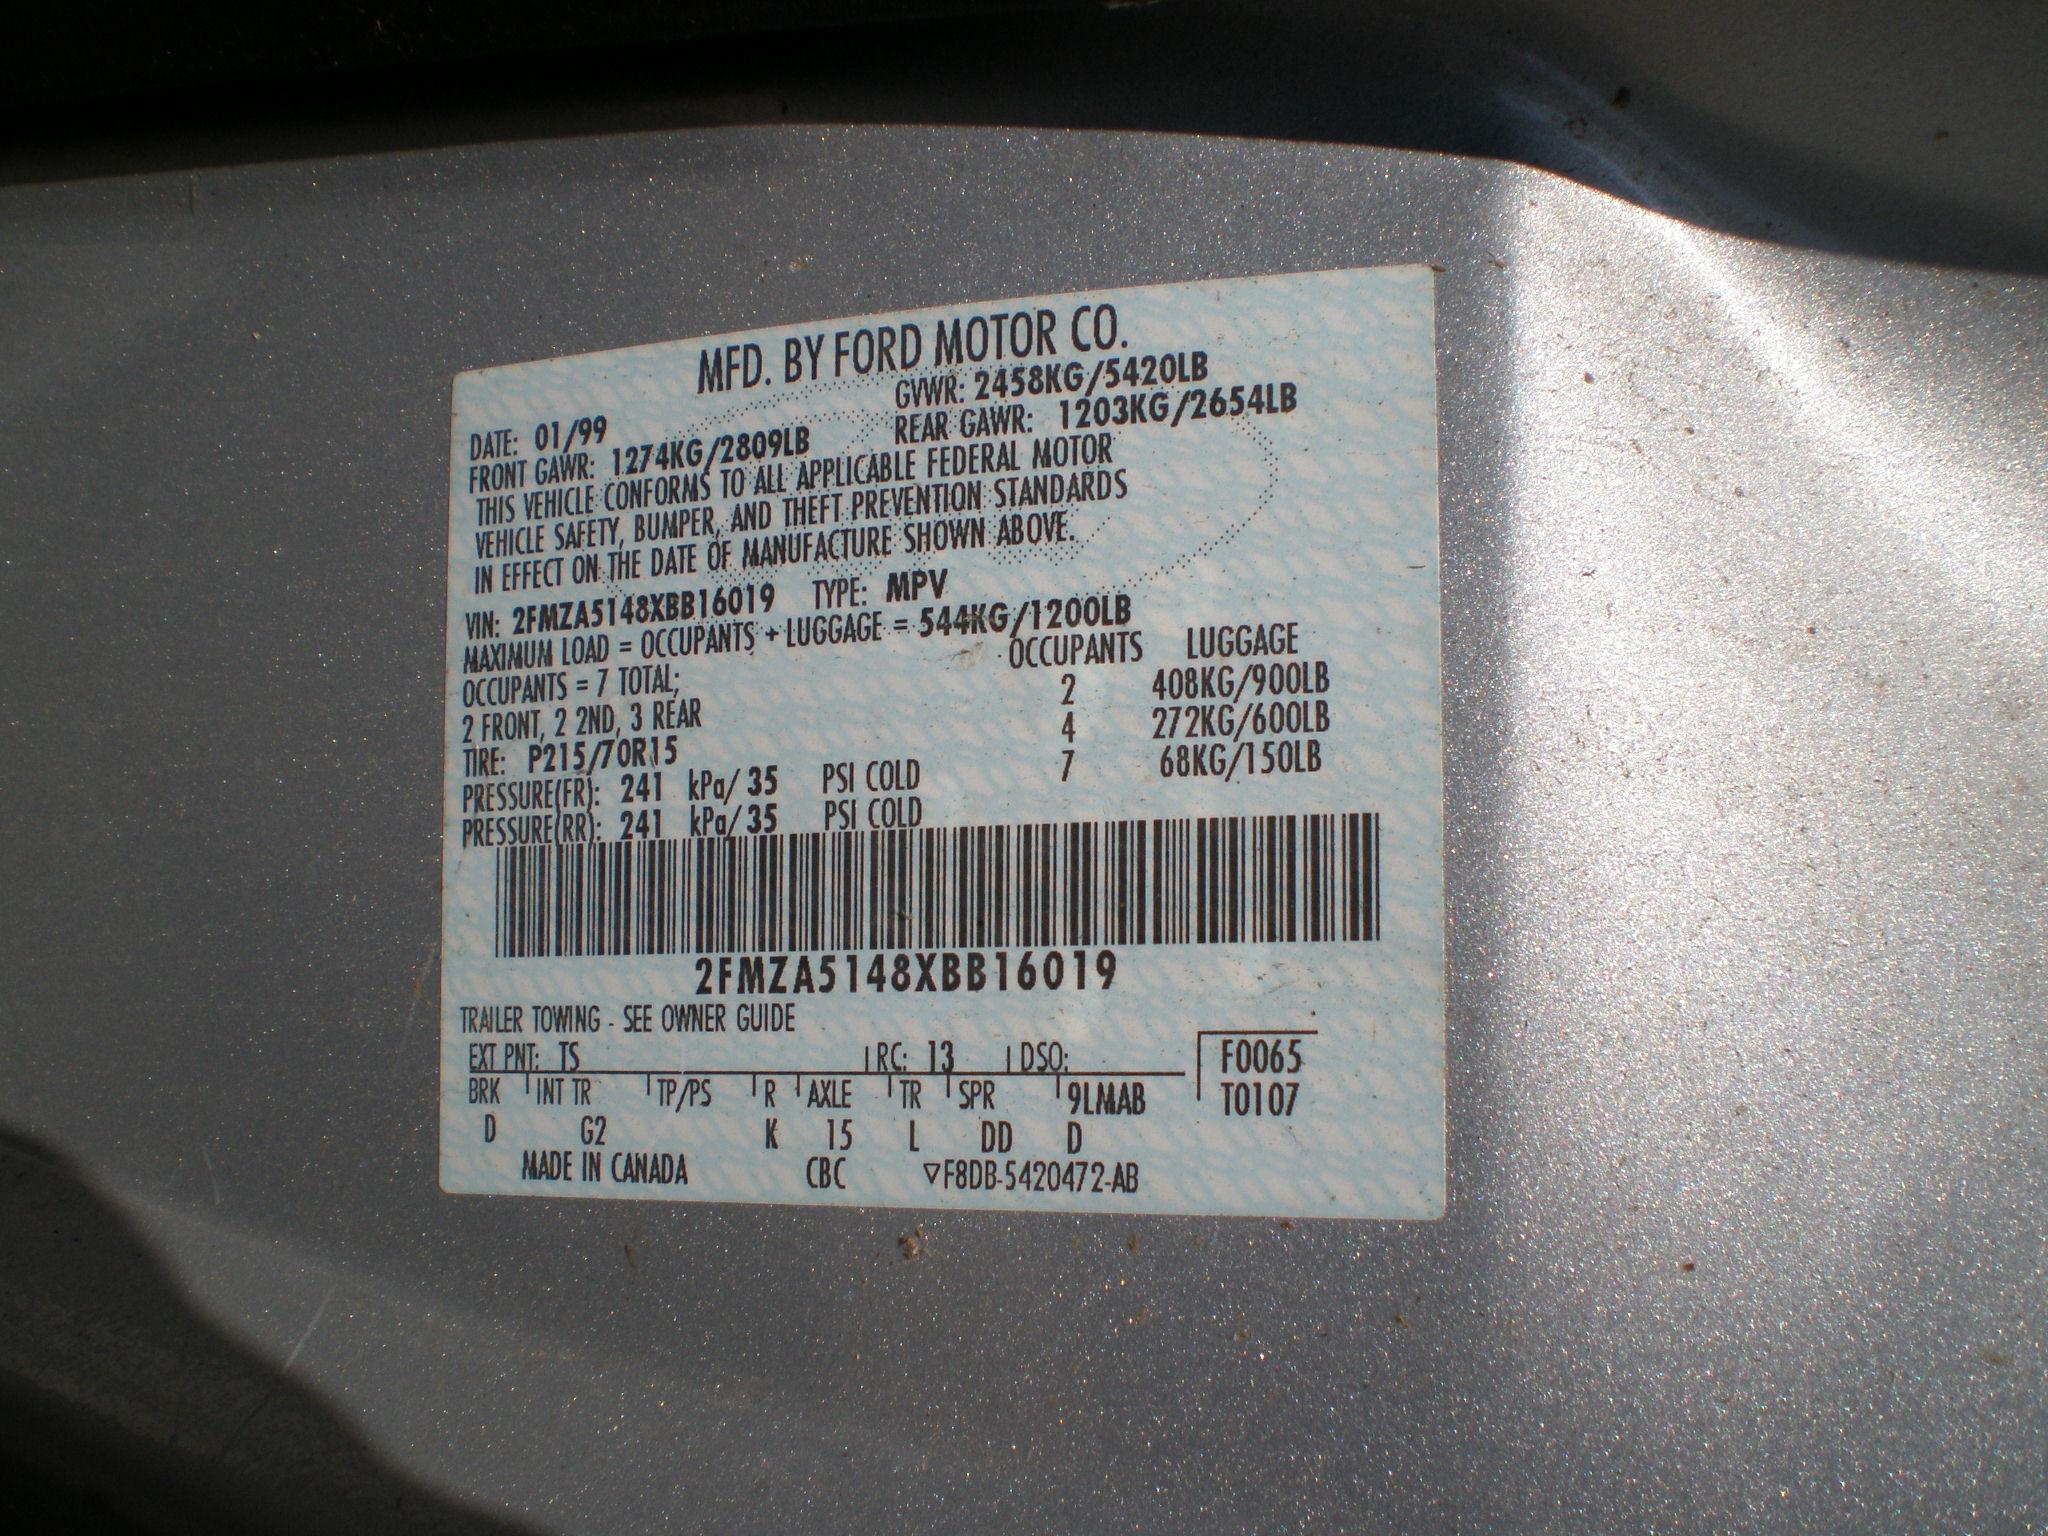 G U0026 P Used Auto Used Car Dealership Lilburn Ga